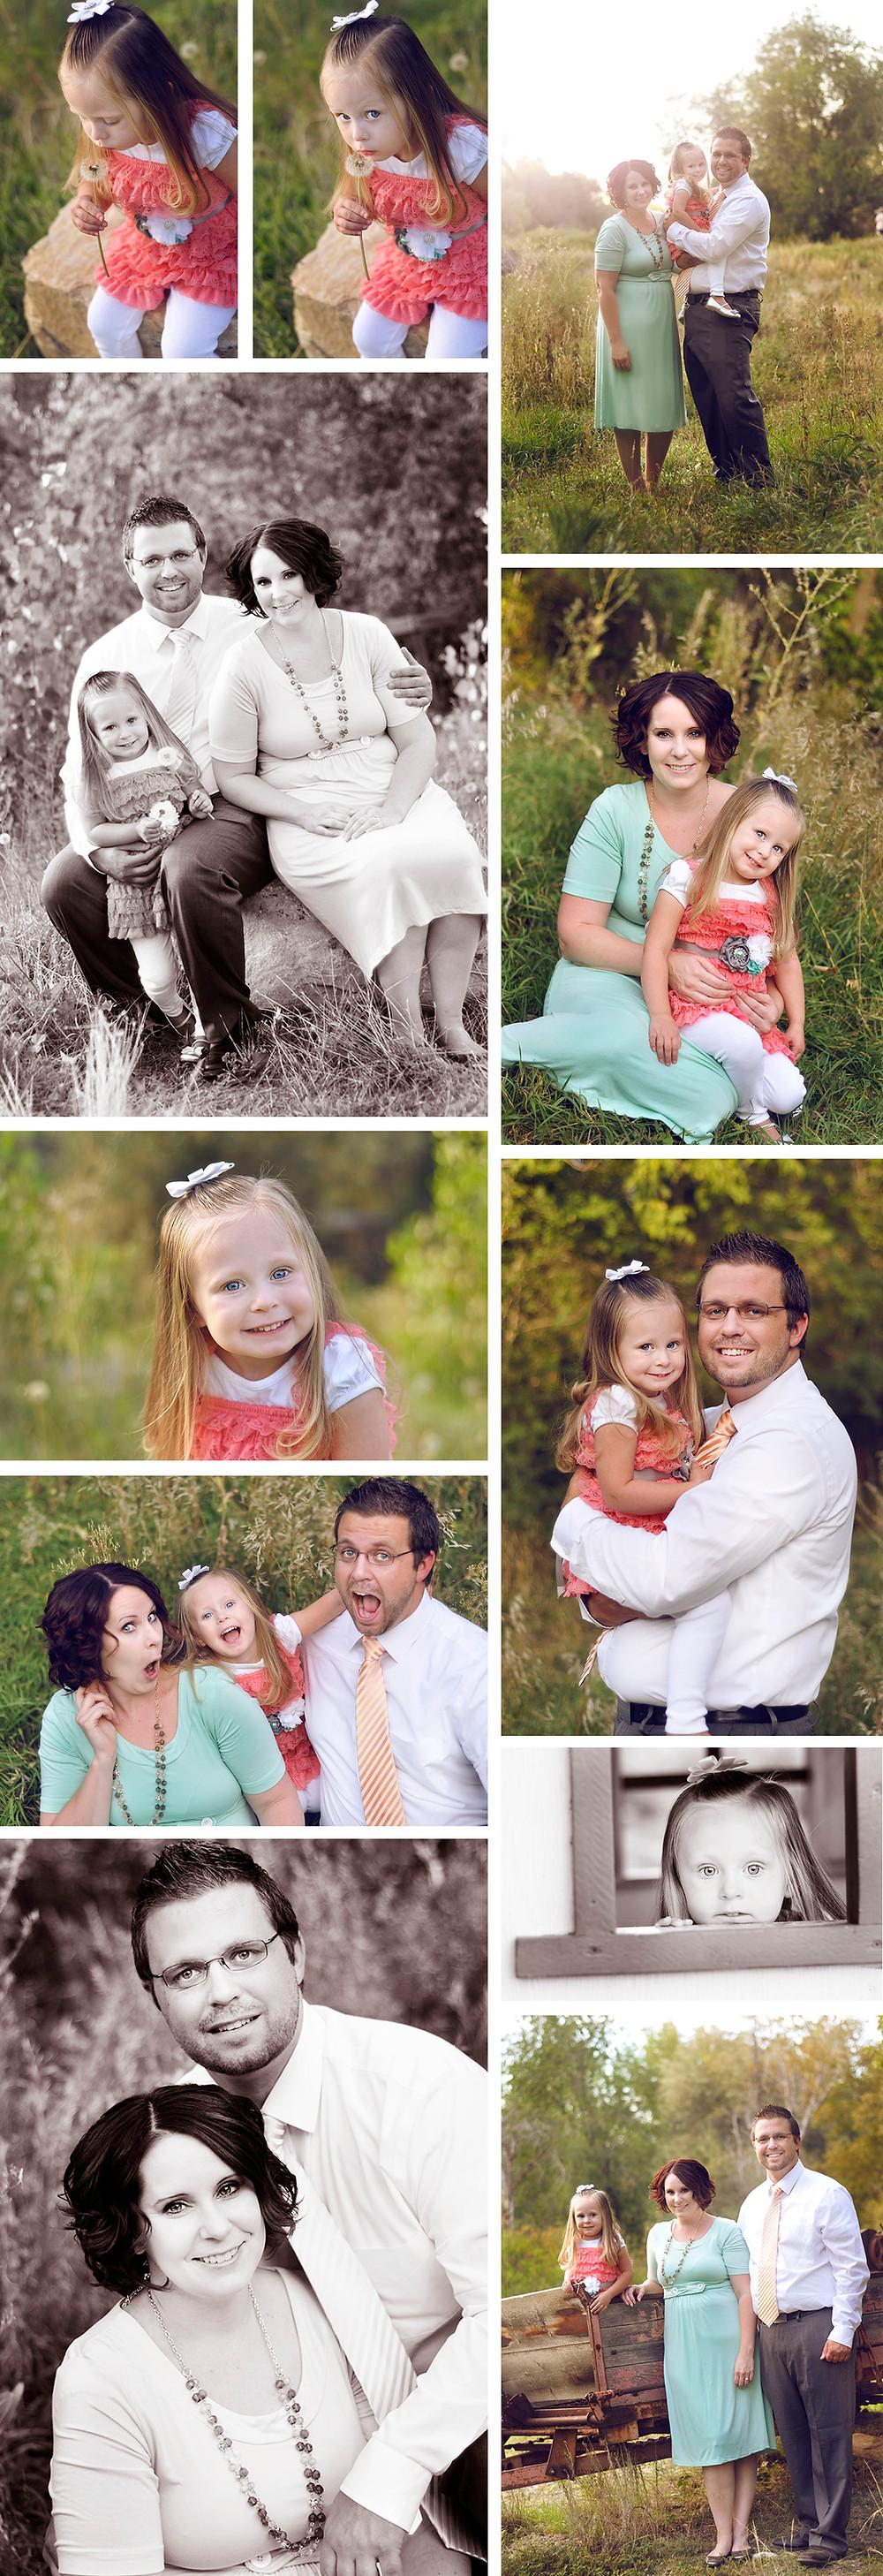 davies blog collage 2014.jpg